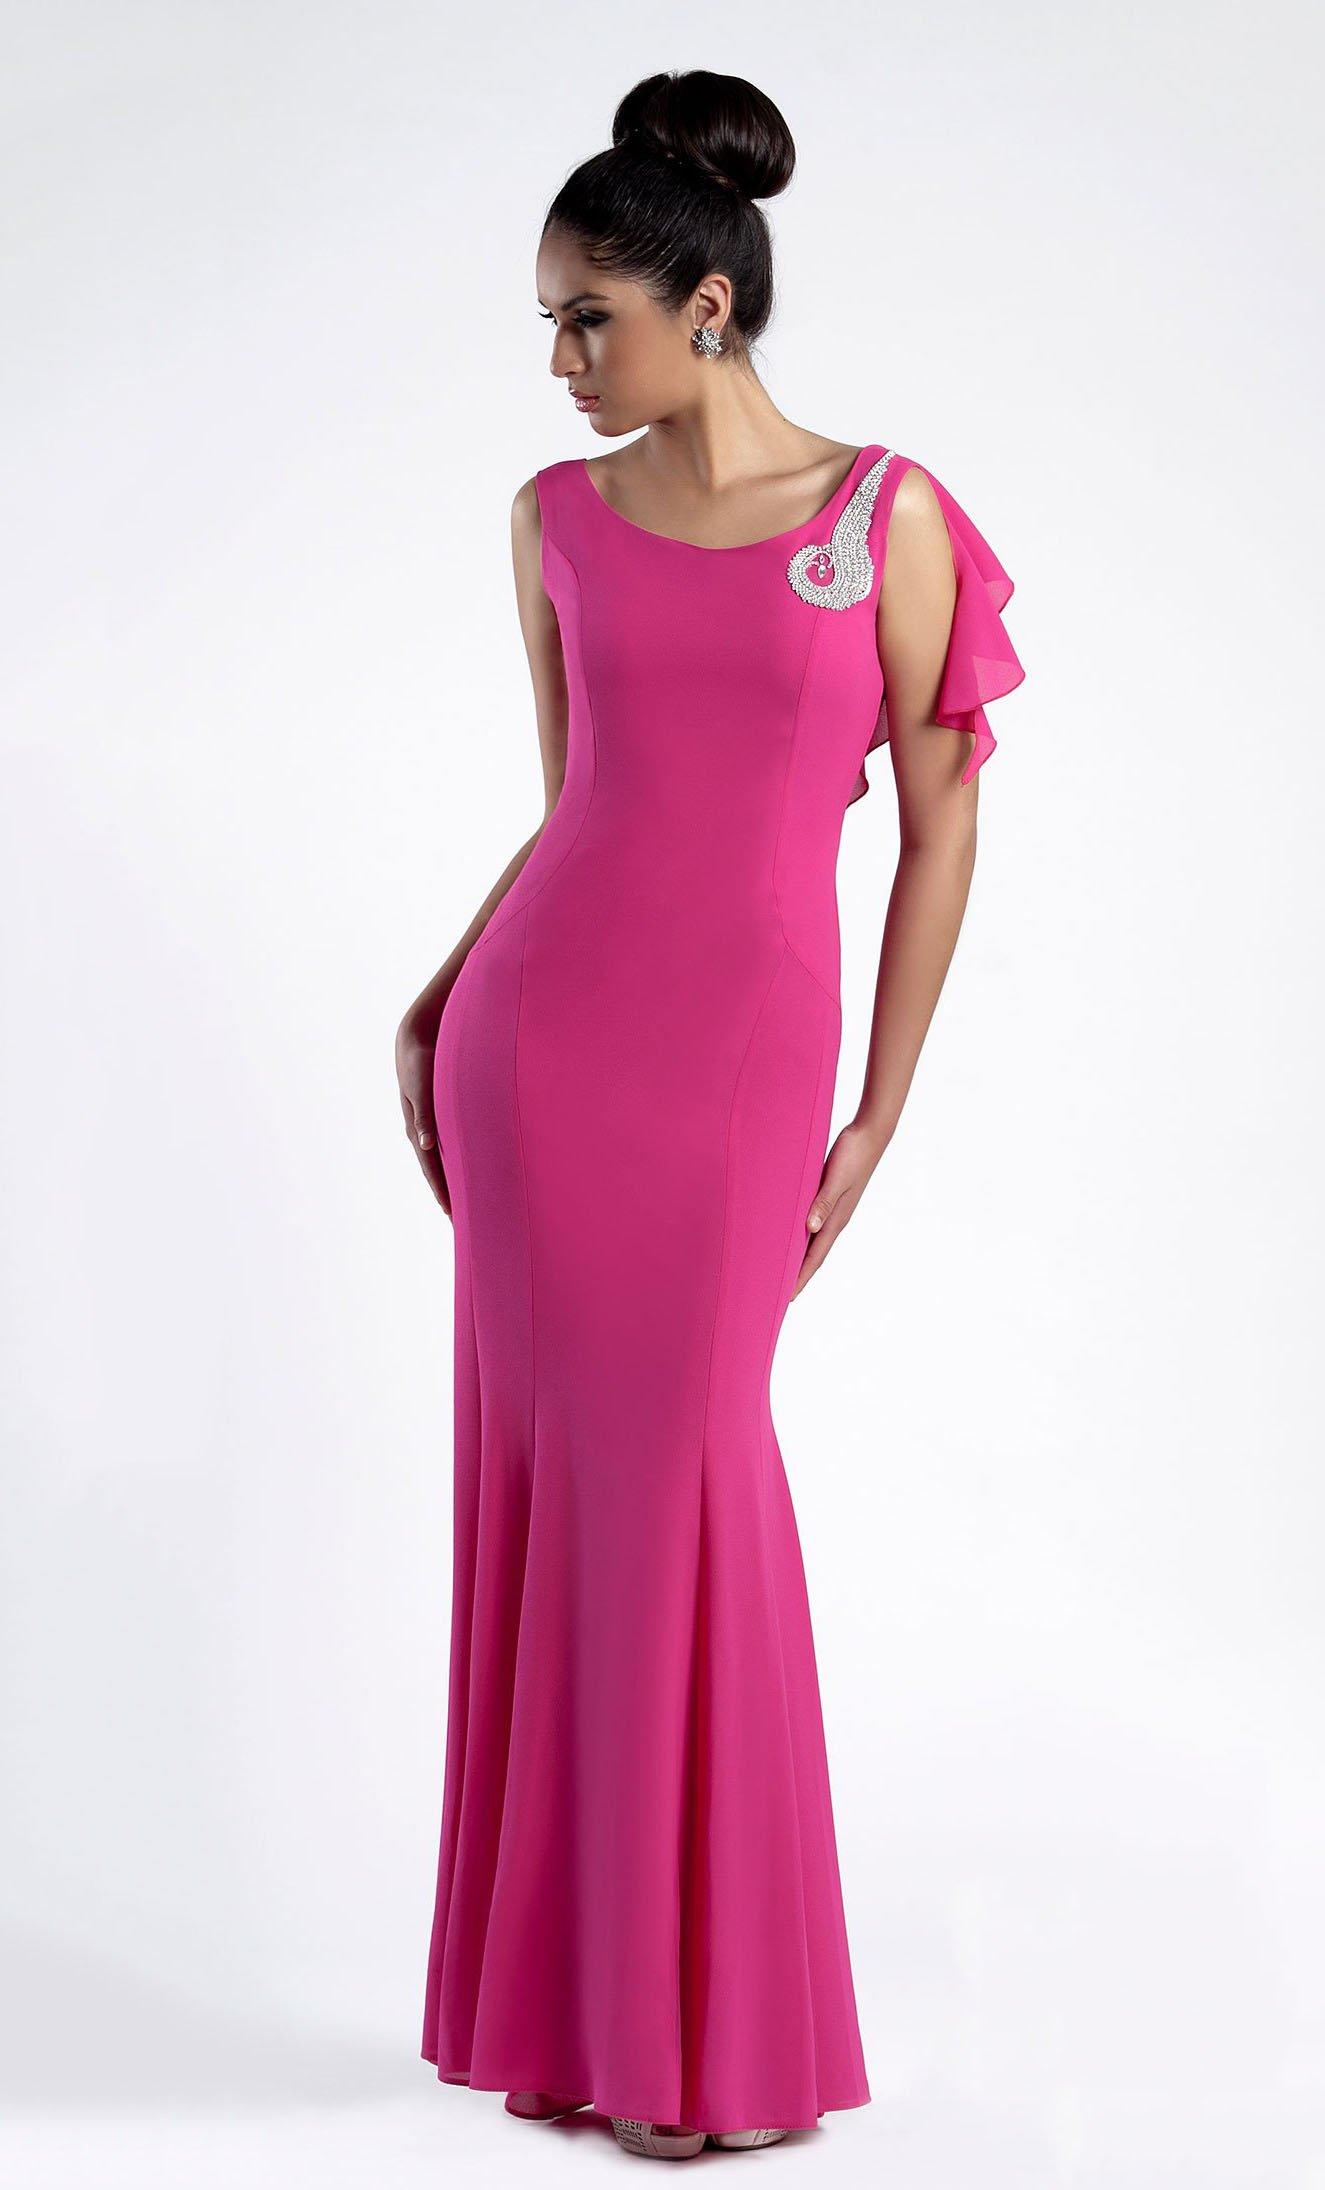 Perfecto Vestido De Fiesta Rojo Barato Viñeta - Colección de ...